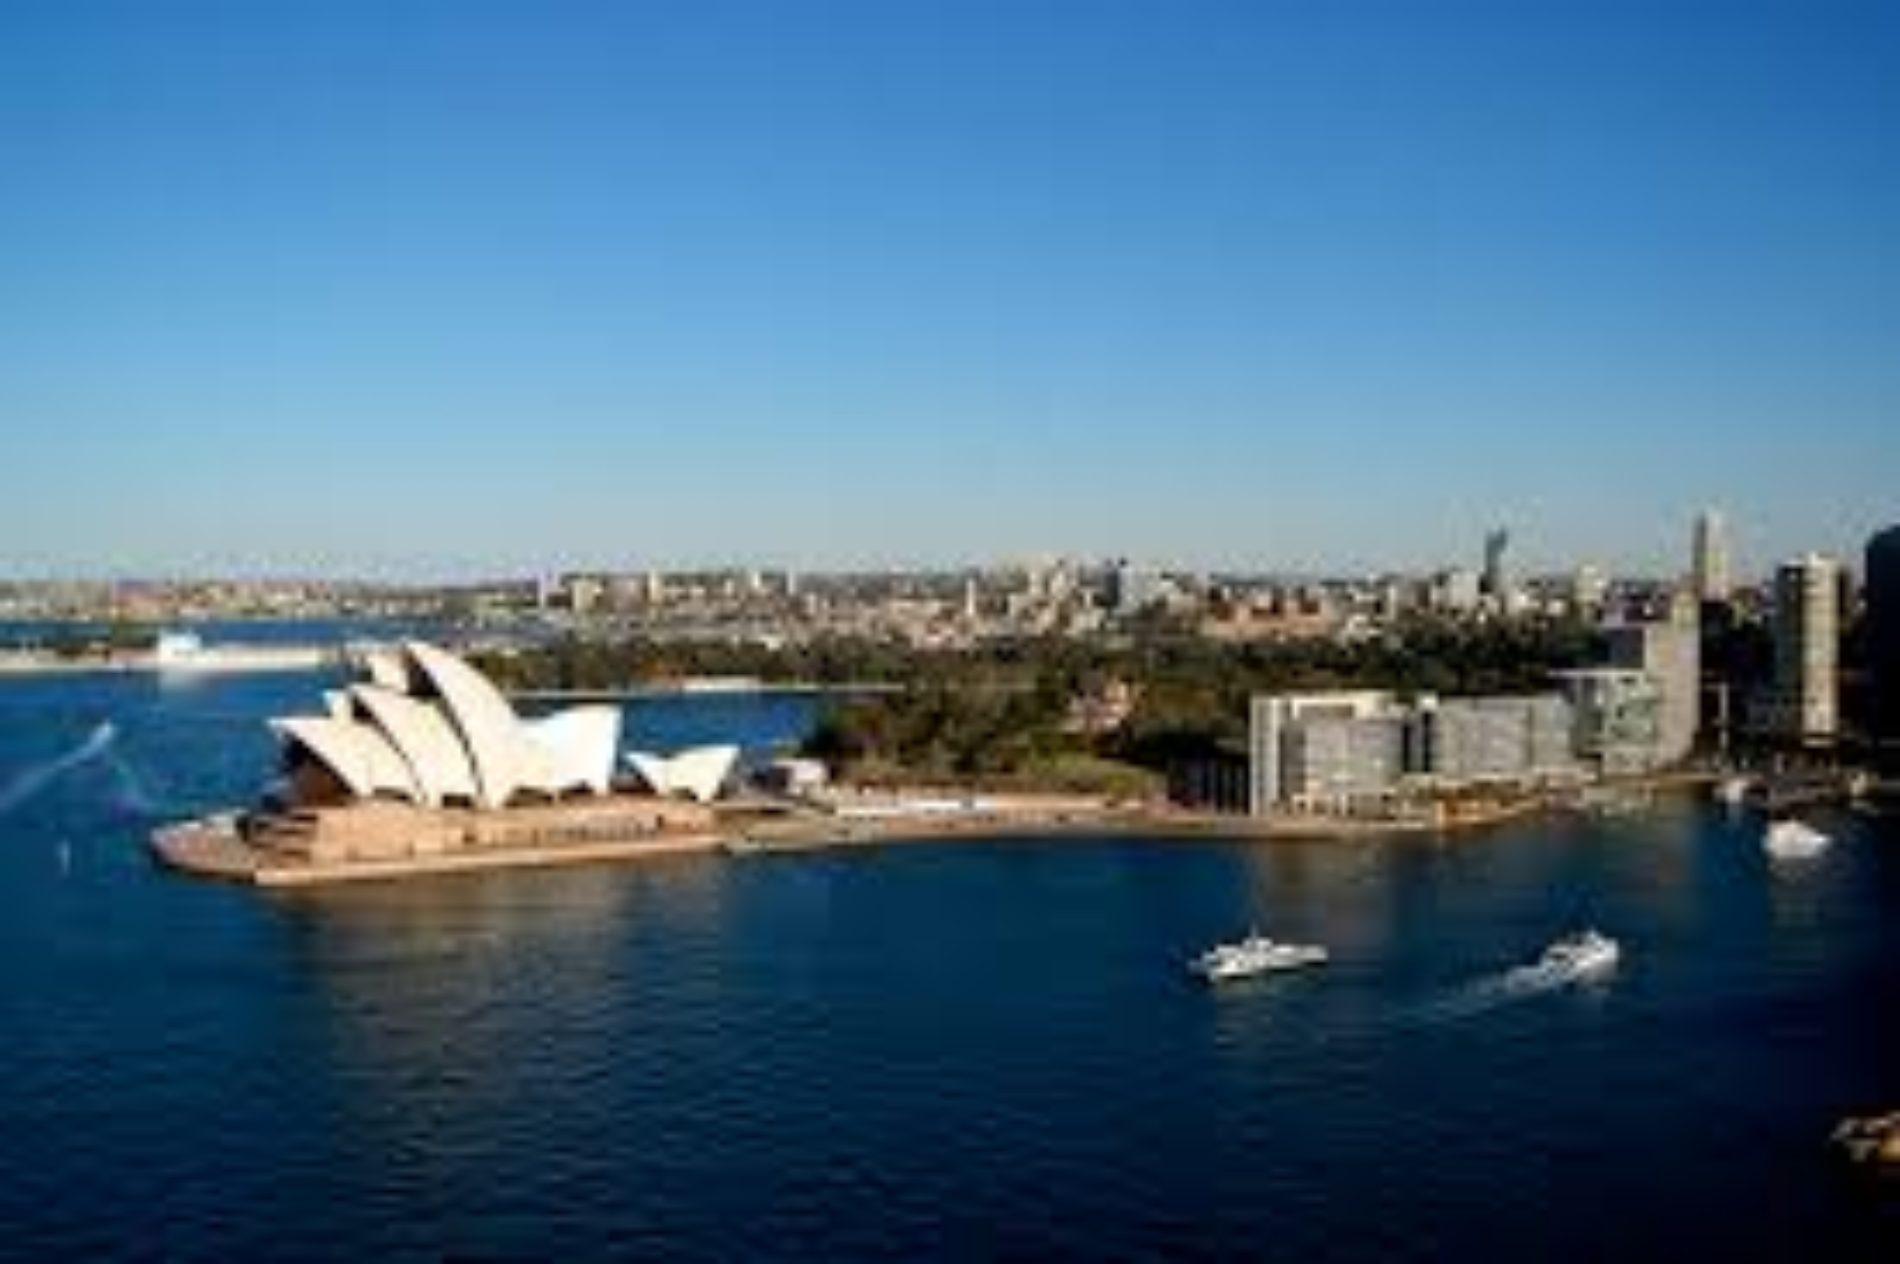 Sydney – Polosa invitato ad intervenire in Senato per valutare l'efficacia delle elettroniche